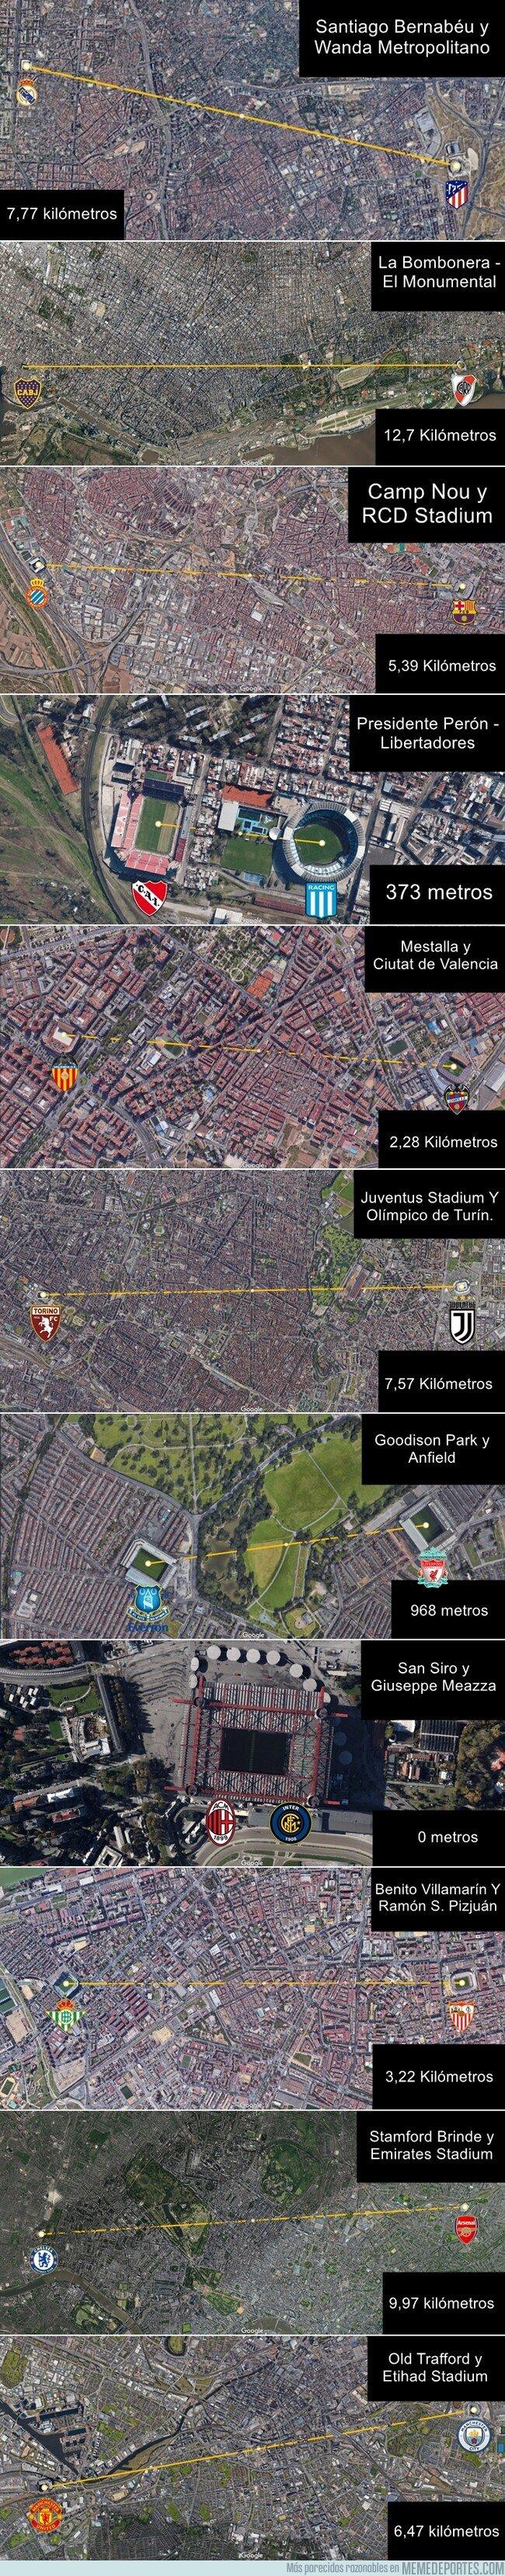 1059588 - La distancia entre estadios de los rivales de ciudad